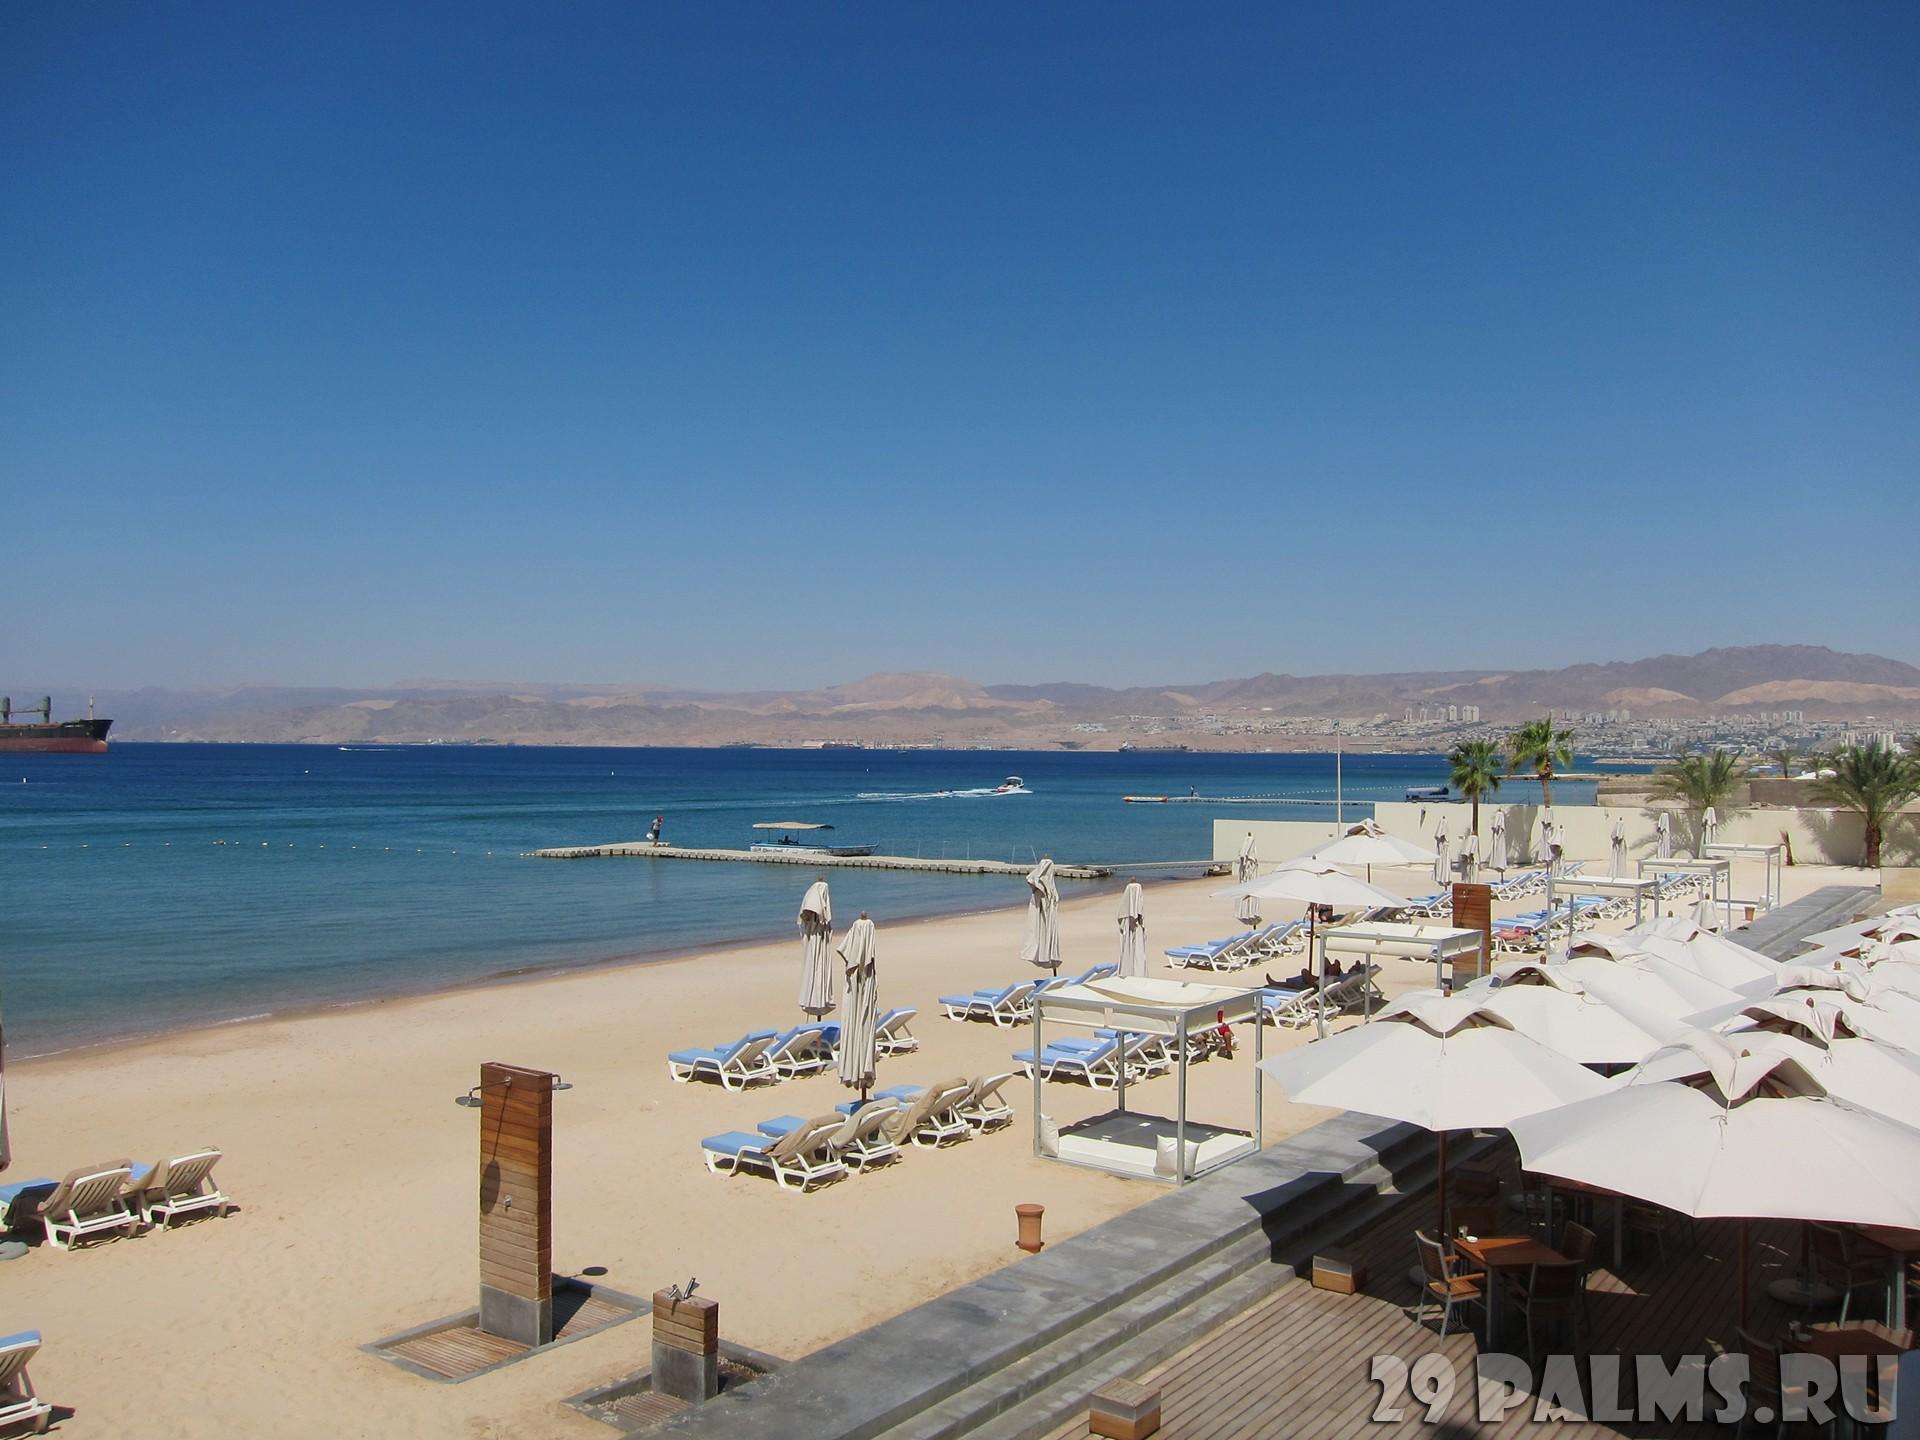 Иордания фото пляжа туристов